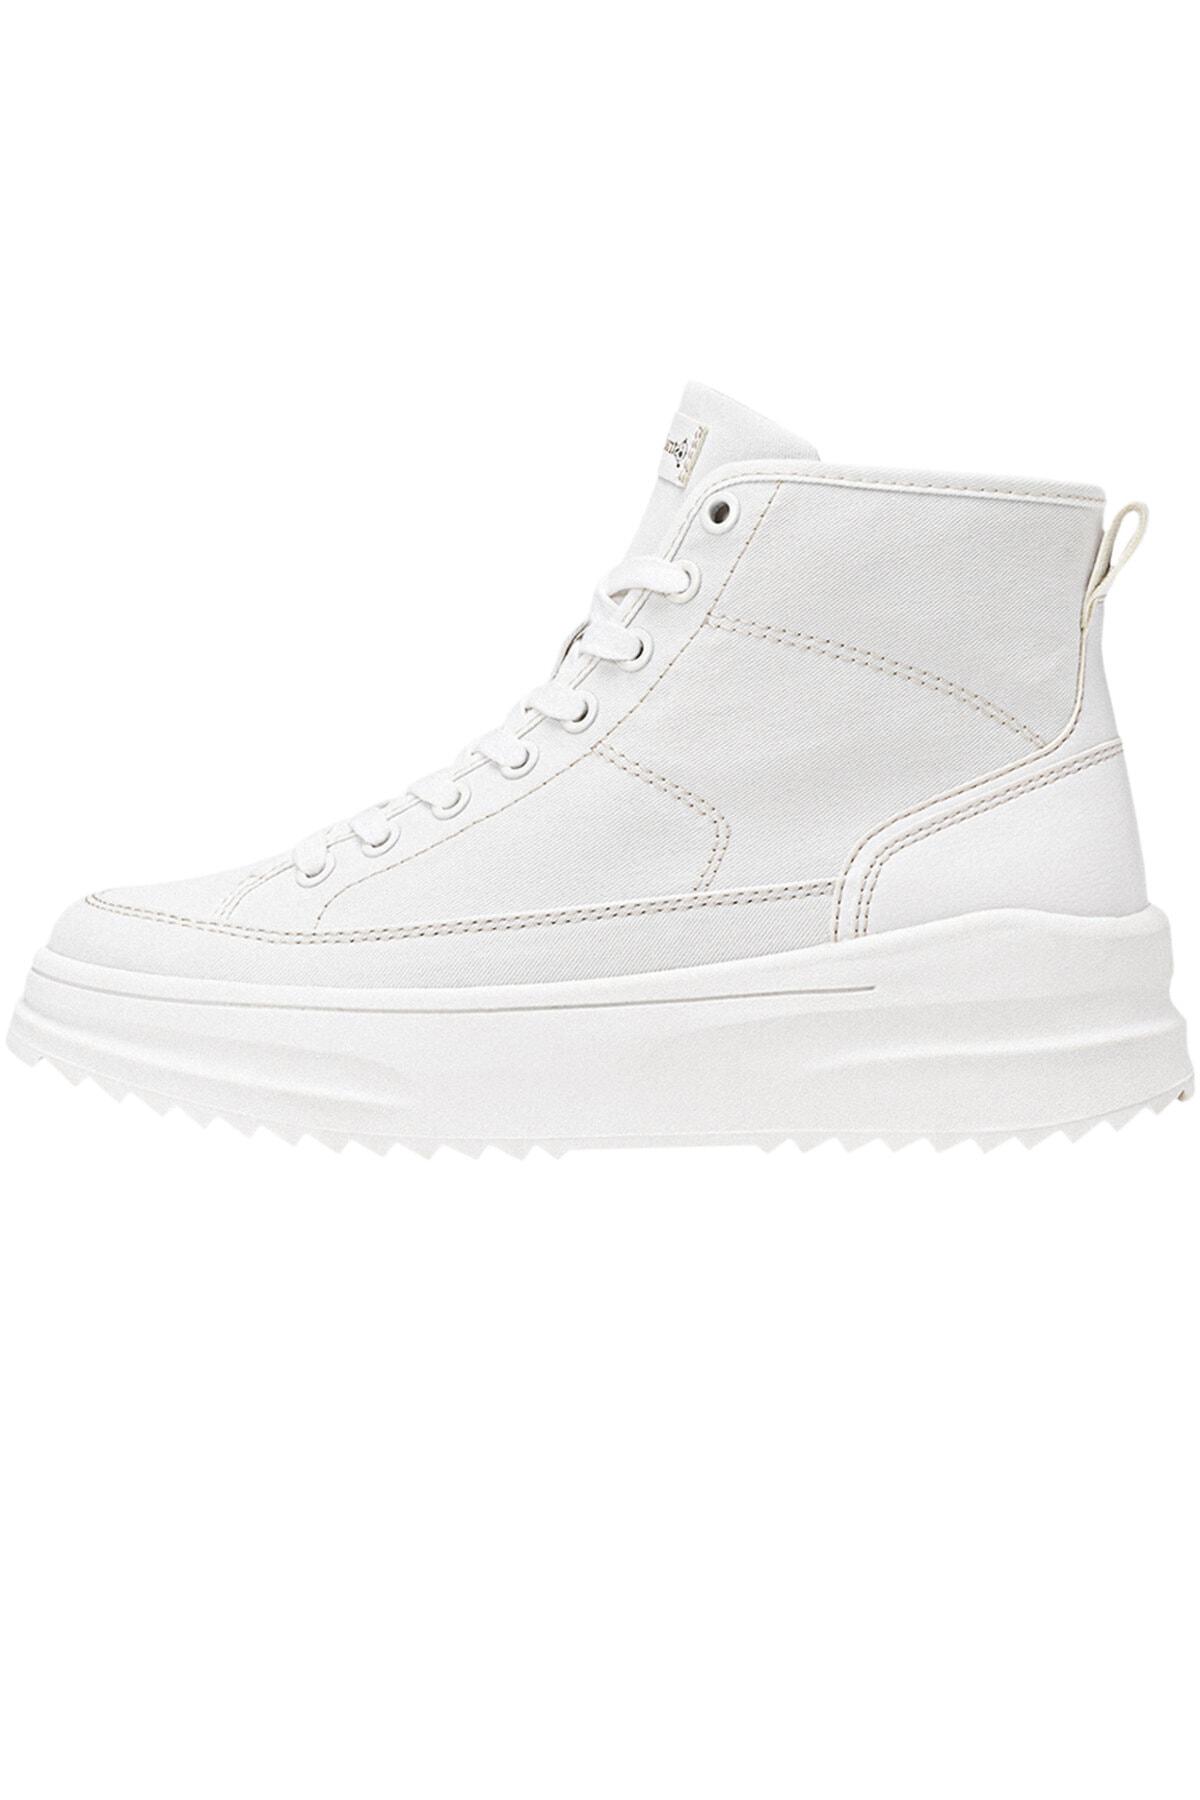 Stradivarius Kadın Beyaz Kumaş Bilekli Spor Ayakkabı 19005770